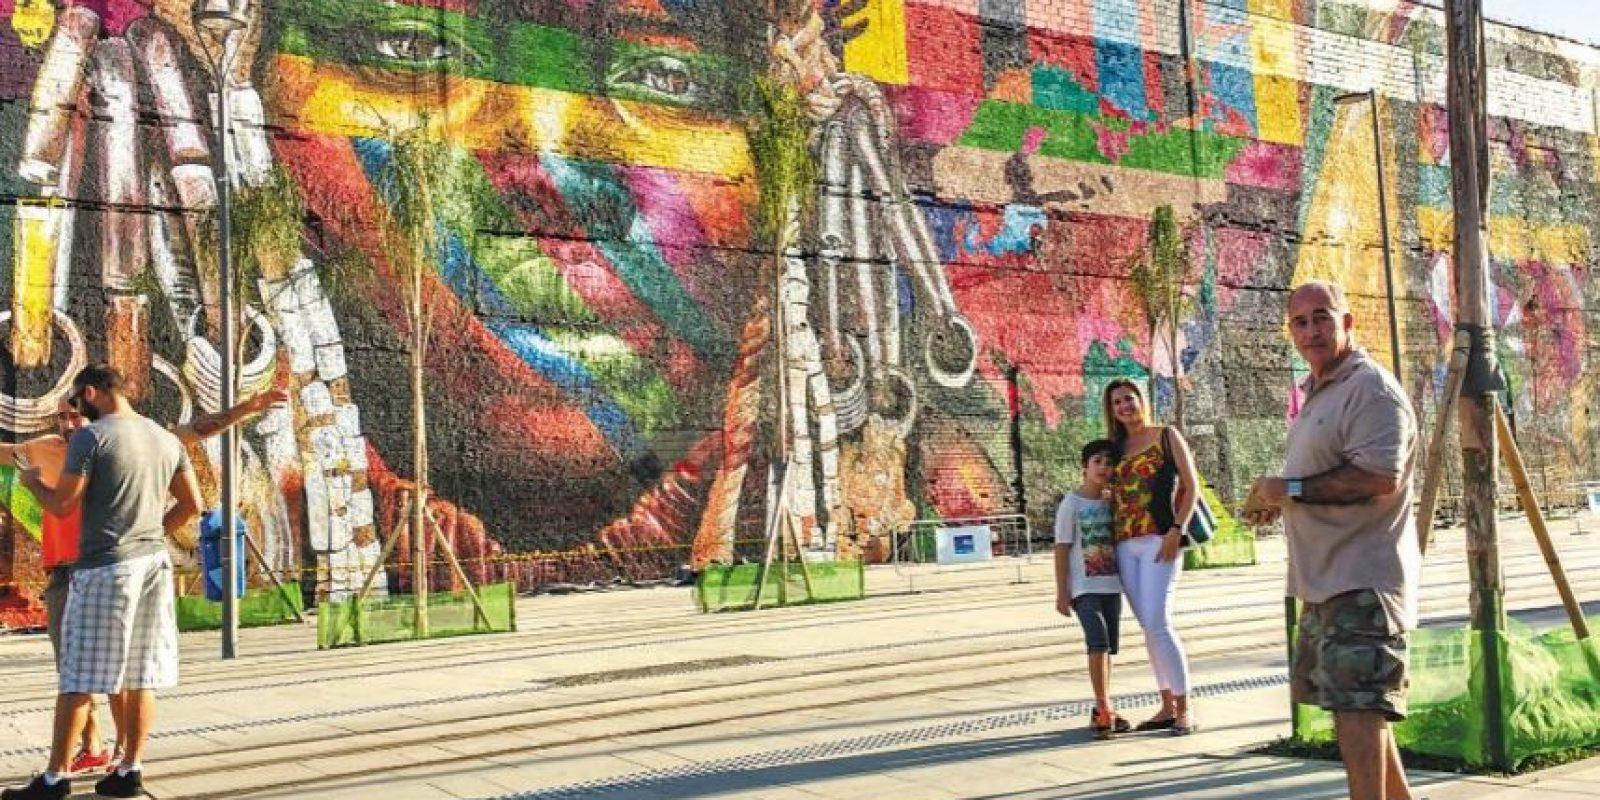 El Mural del artista Eduardo Kobra deleitó al abogado Horacio Cariello que llevó a su esposa Angela y su hijo, Gabriel, para ver el trabajo cercanoa la zona portuaria Foto:Augusto Navarro/ Divulgação